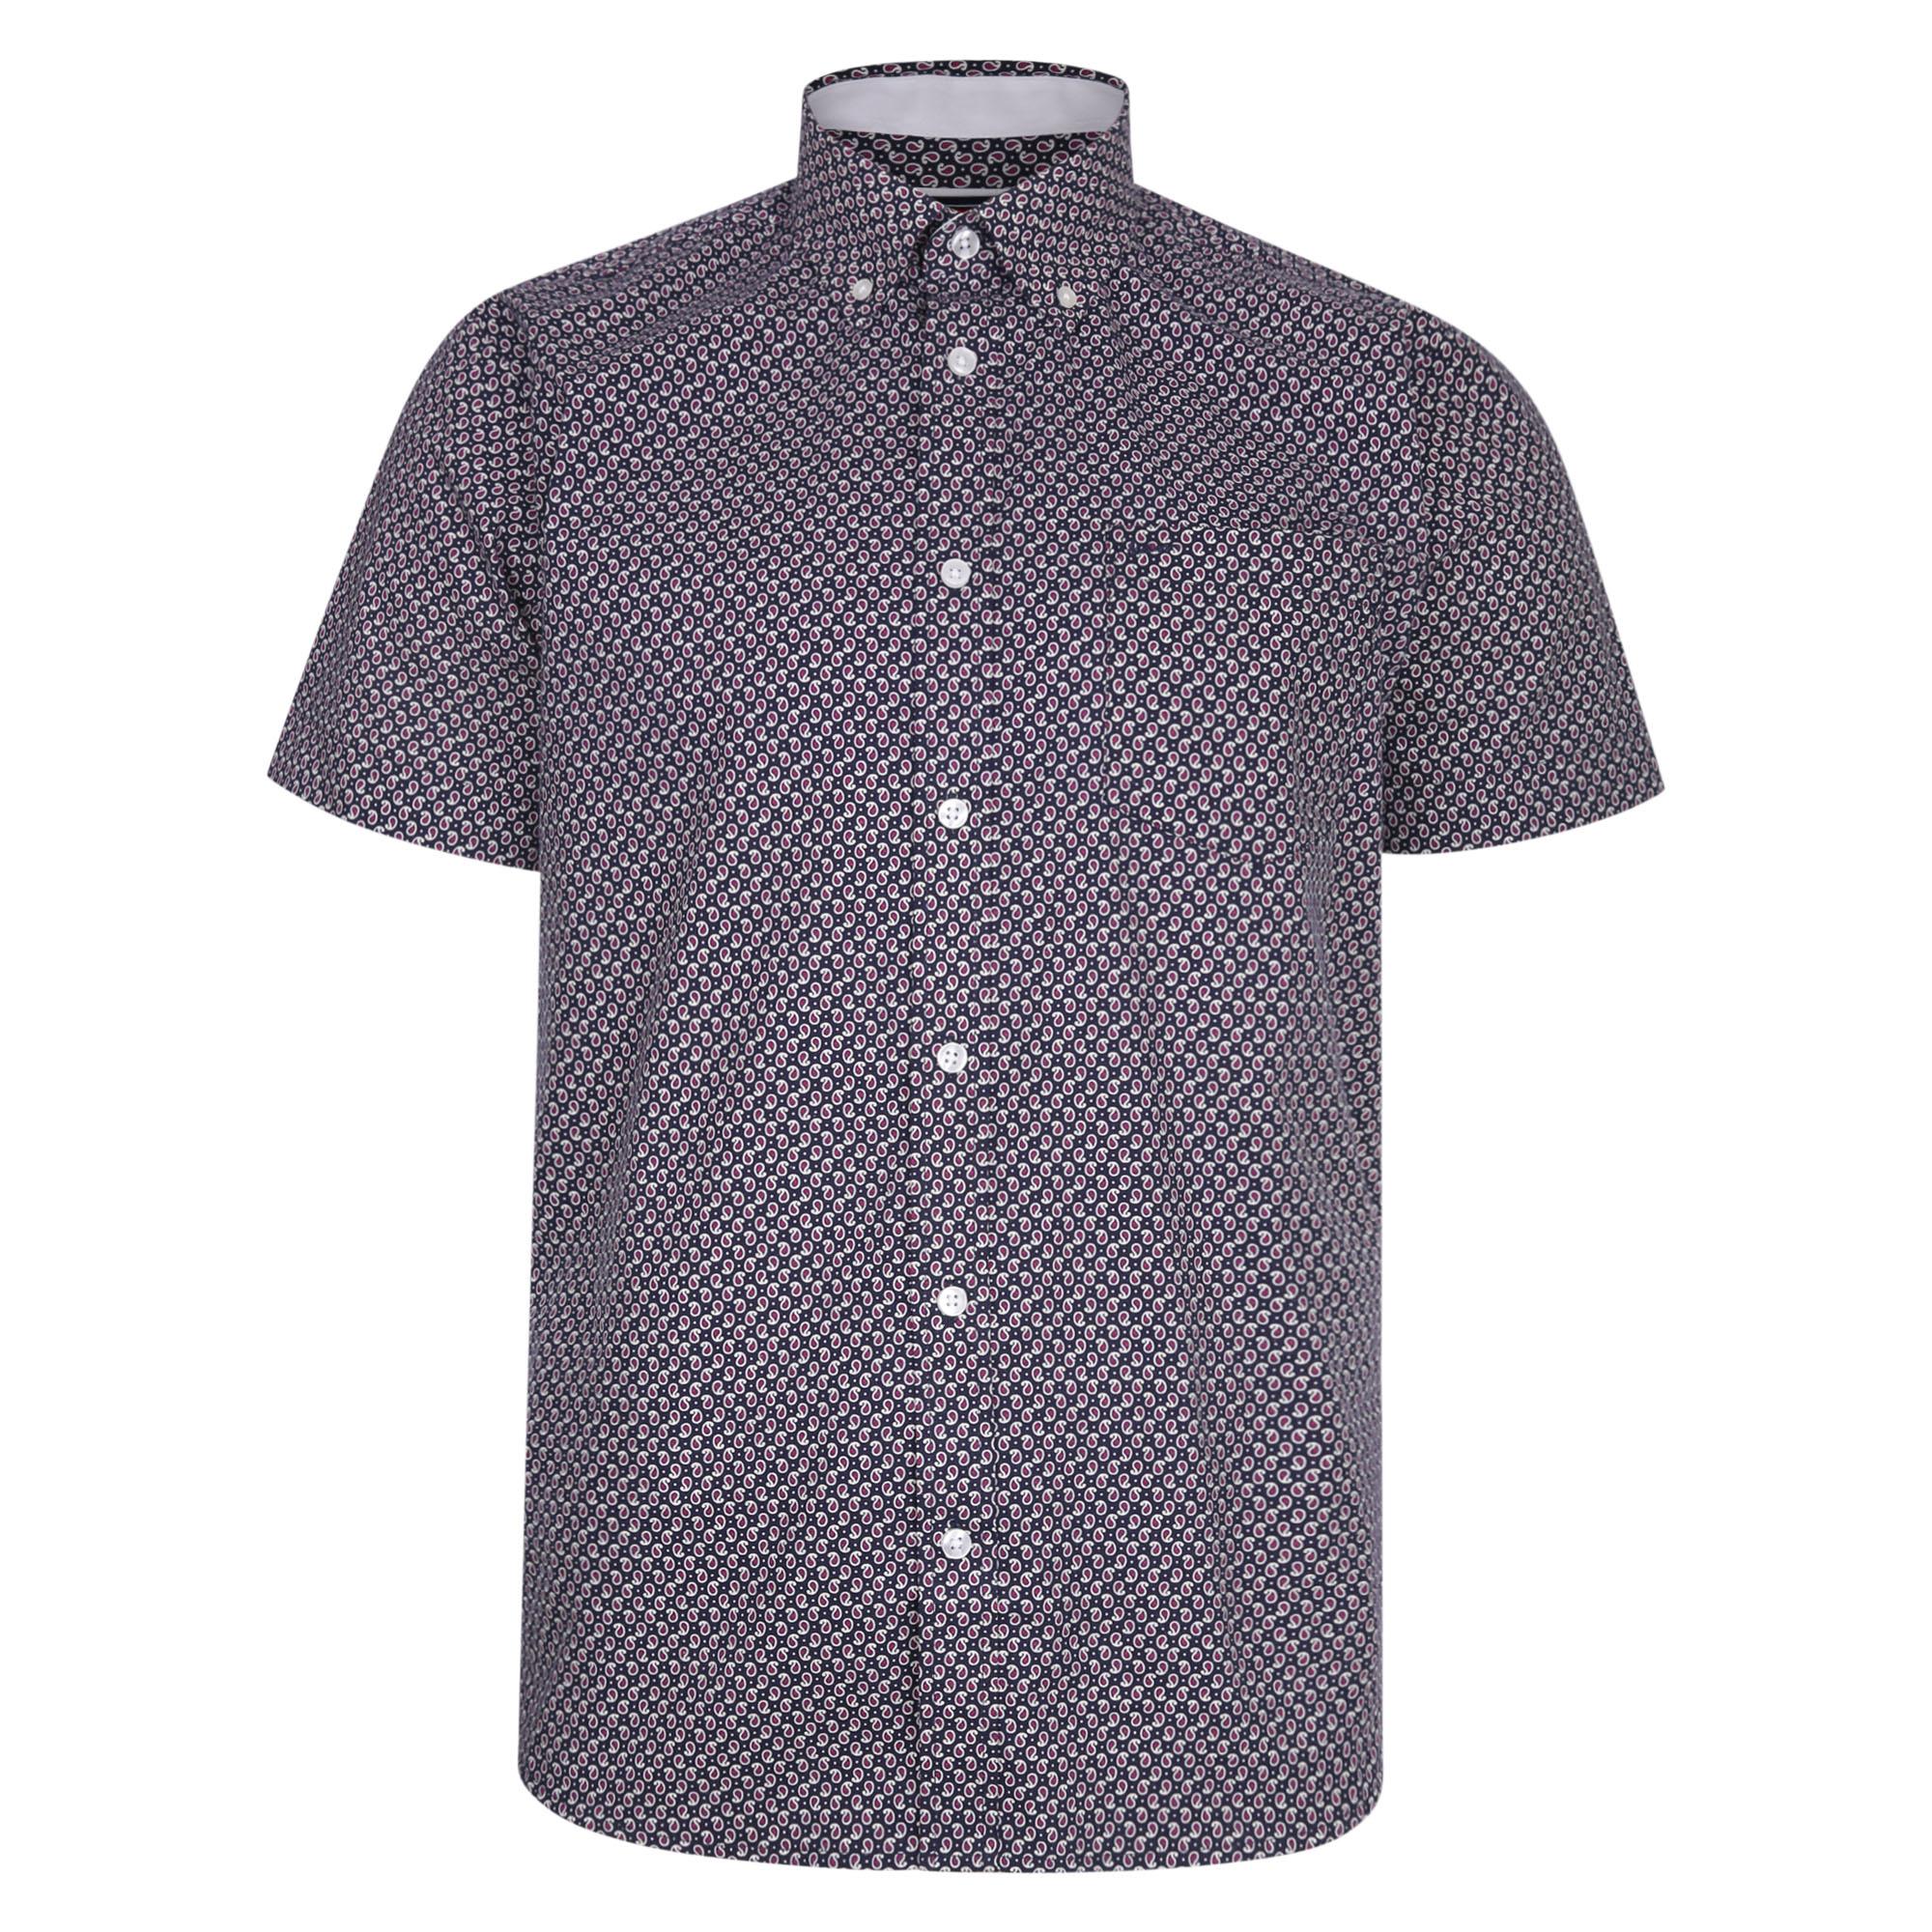 overhemd met print van merk KAM JEANSWEAR in de kleur navy, gemaakt van 100% katoen.